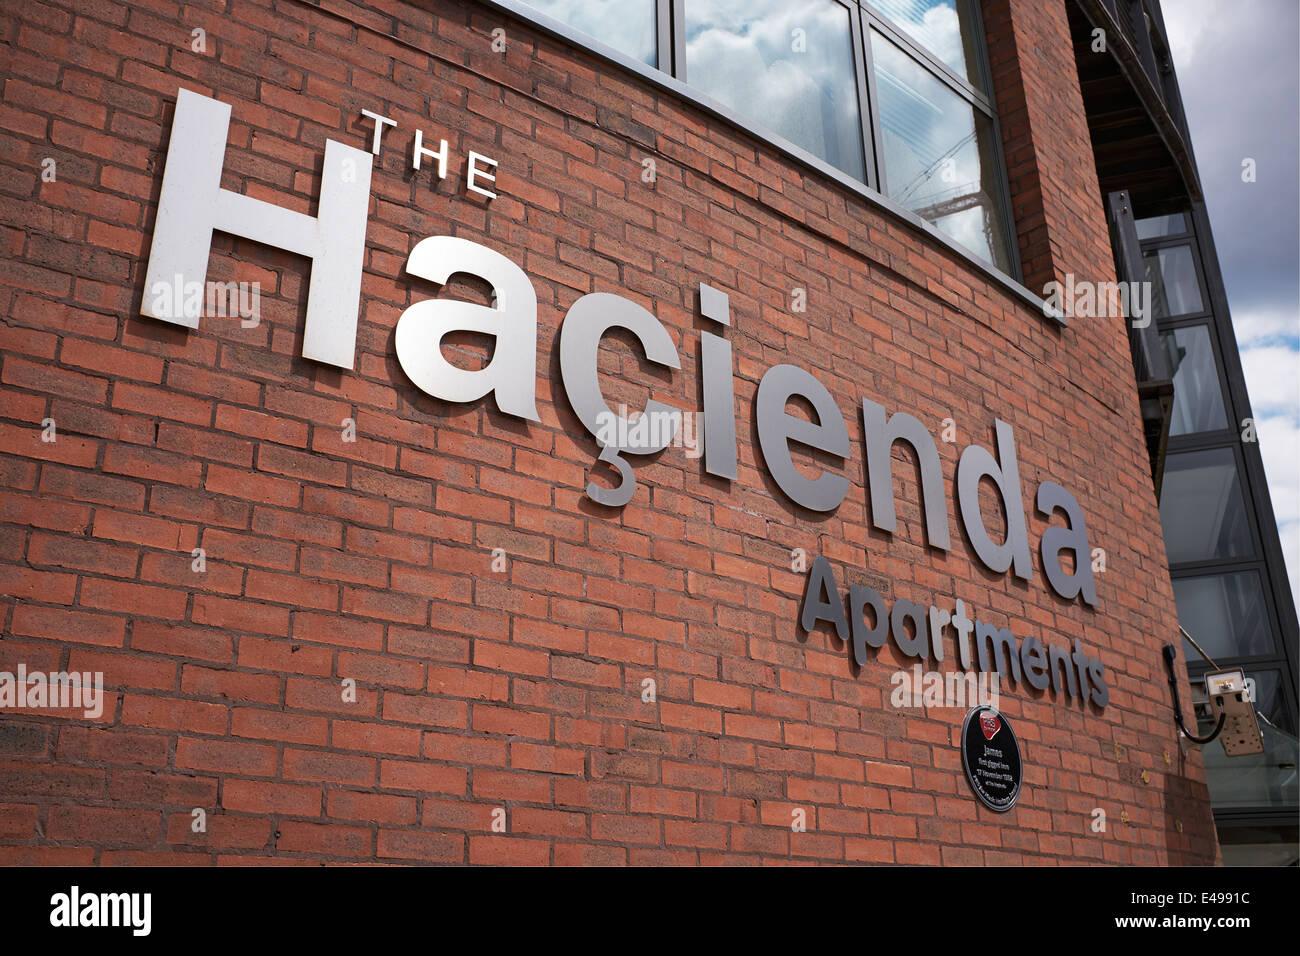 L'Hacienda Apartments building dans le centre ville de Manchester uk Photo Stock